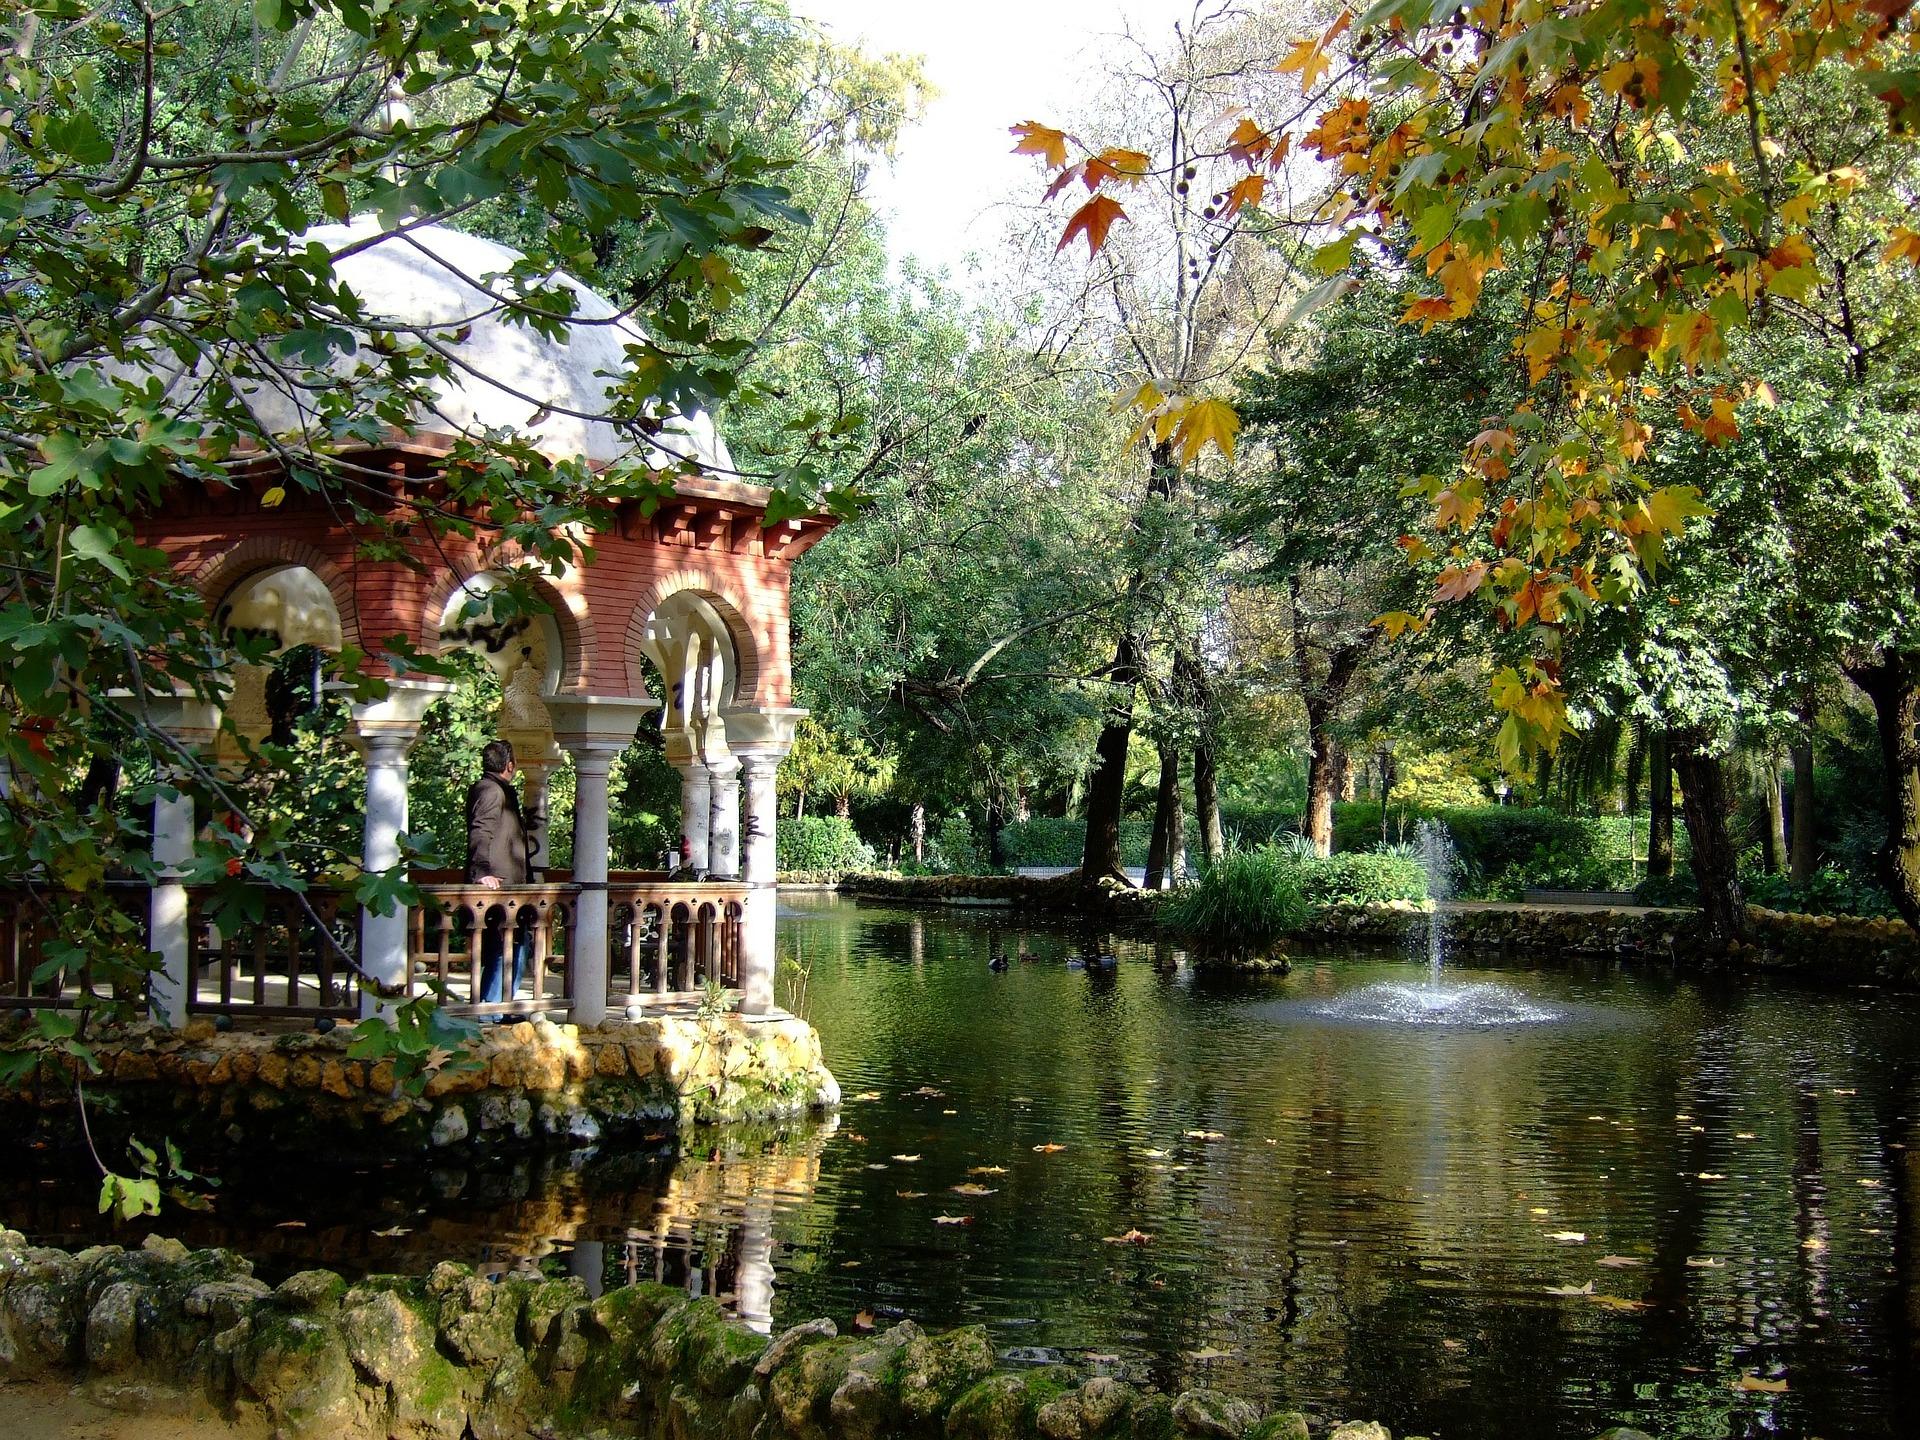 parque de maria luisa parques urbanos alsa